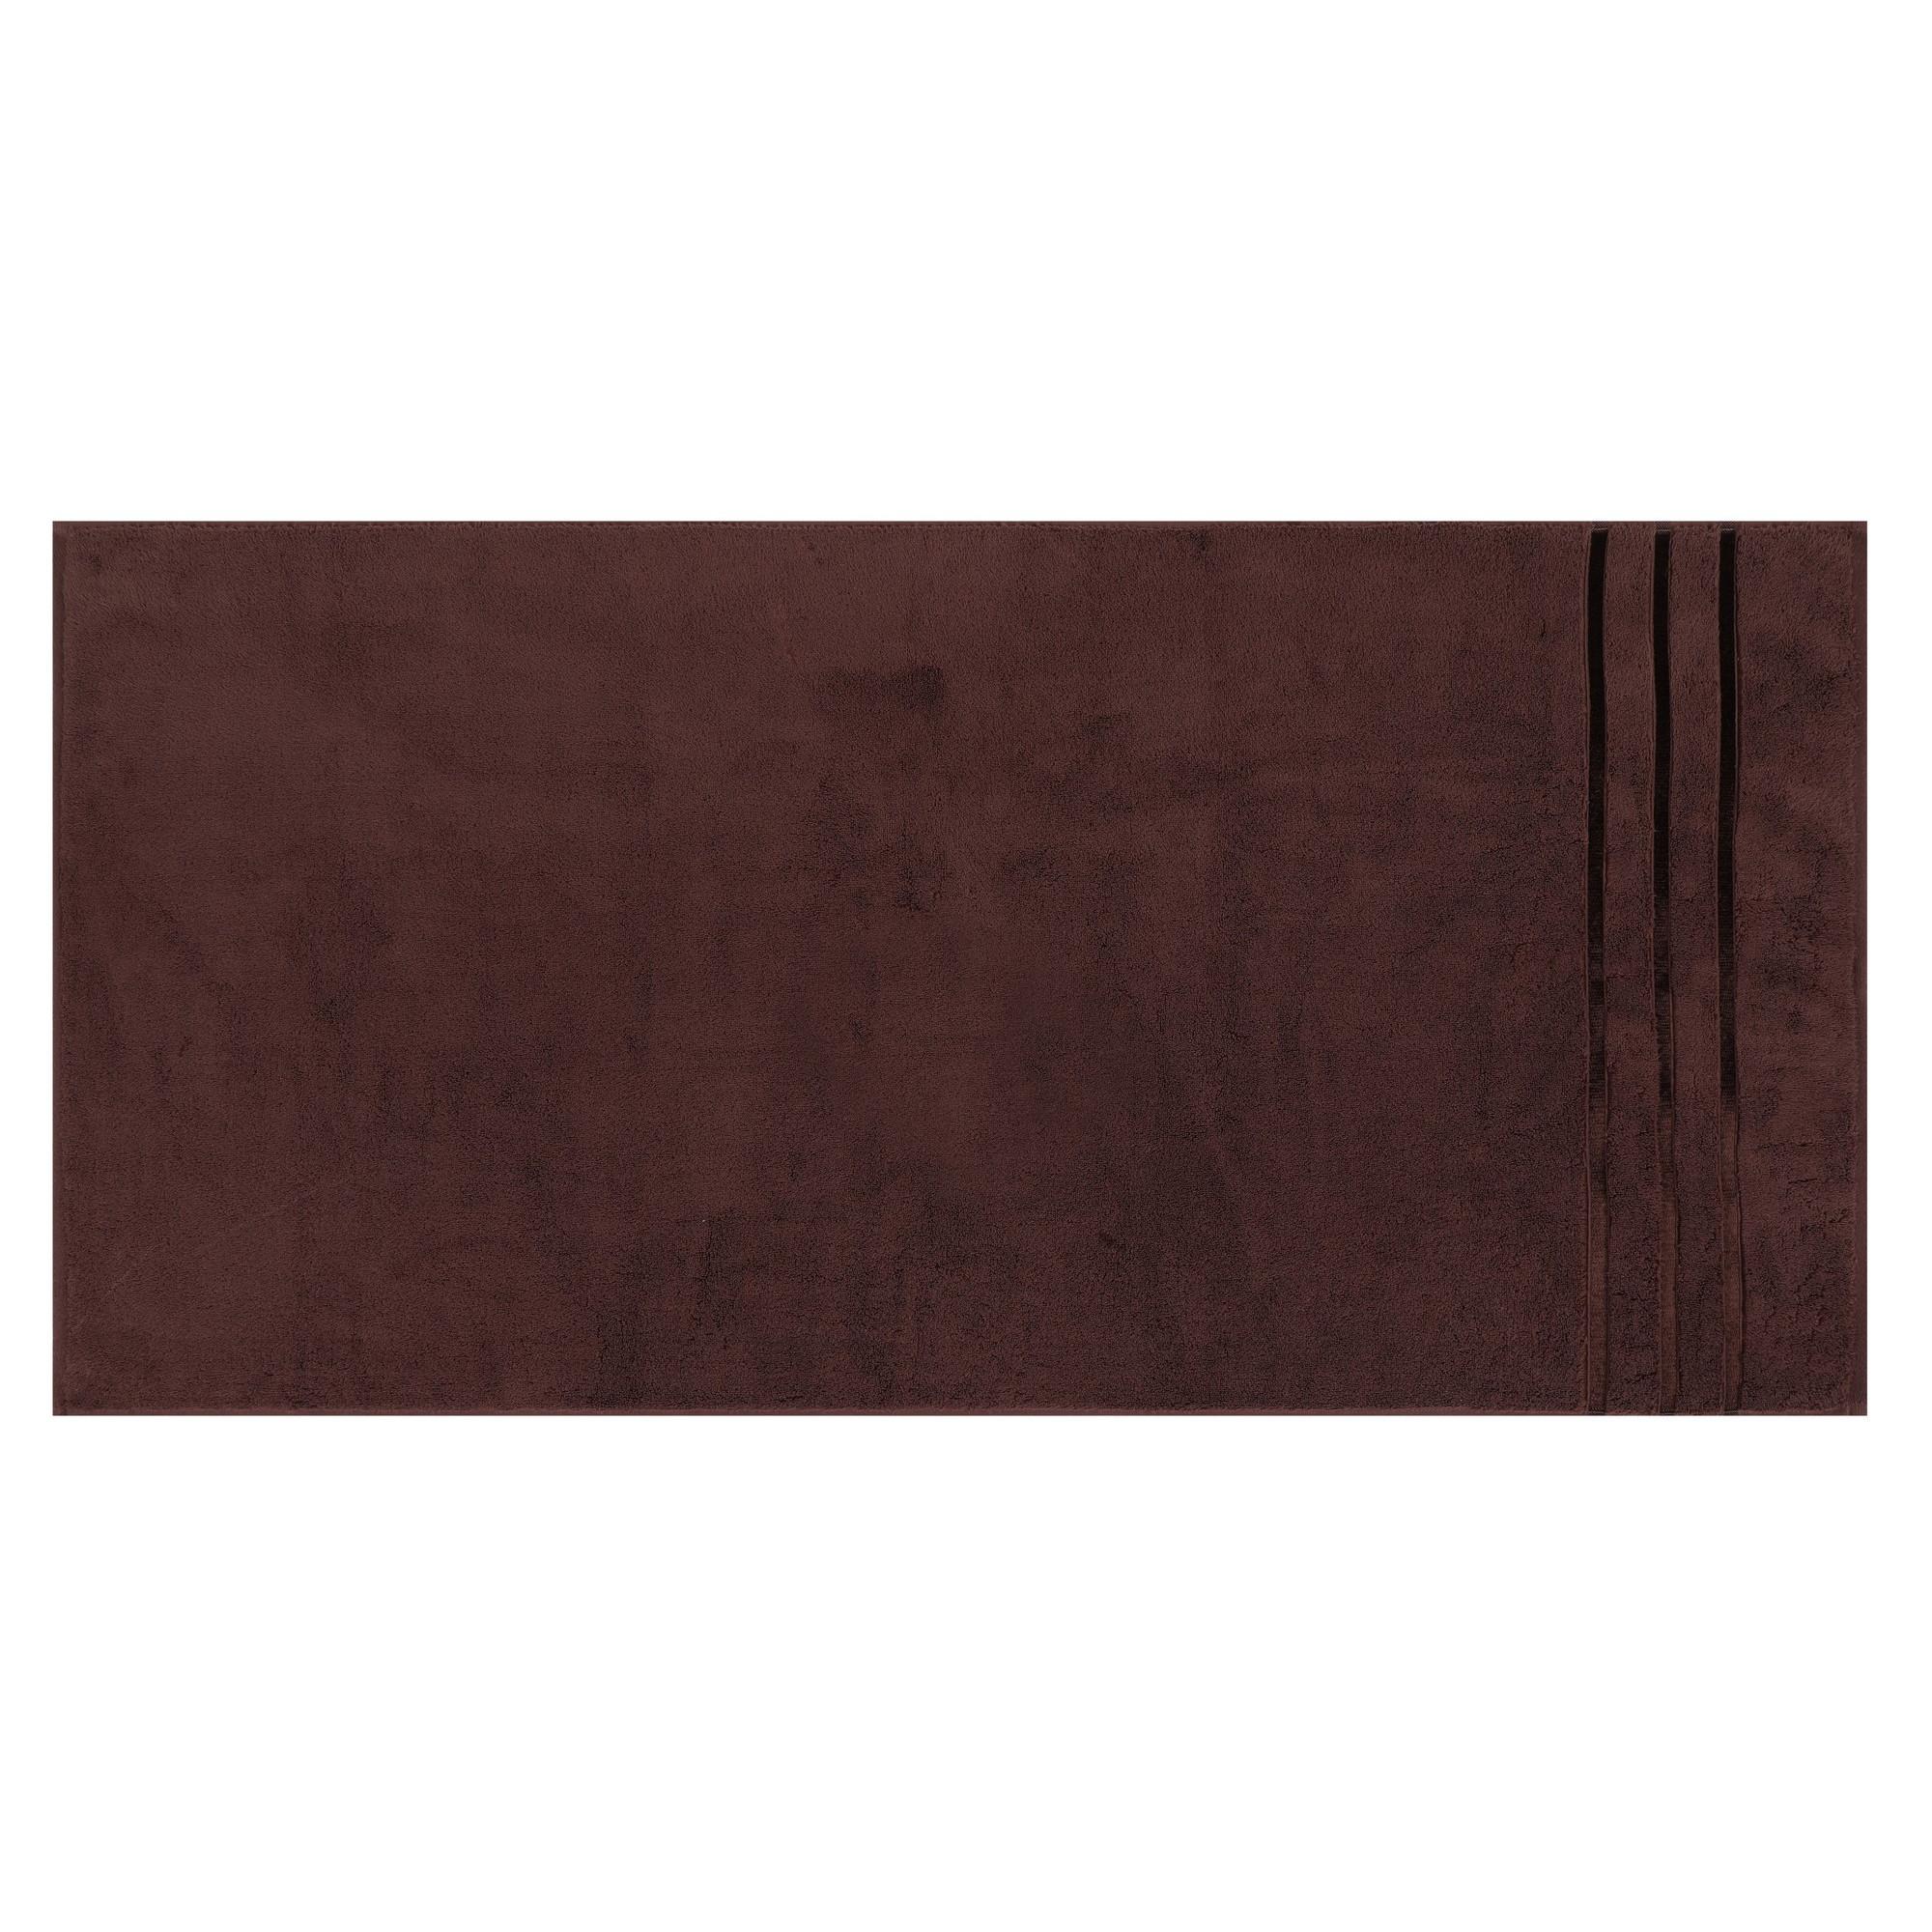 Handtuch Dolce 3er-Set   Beige, Creme & Braun